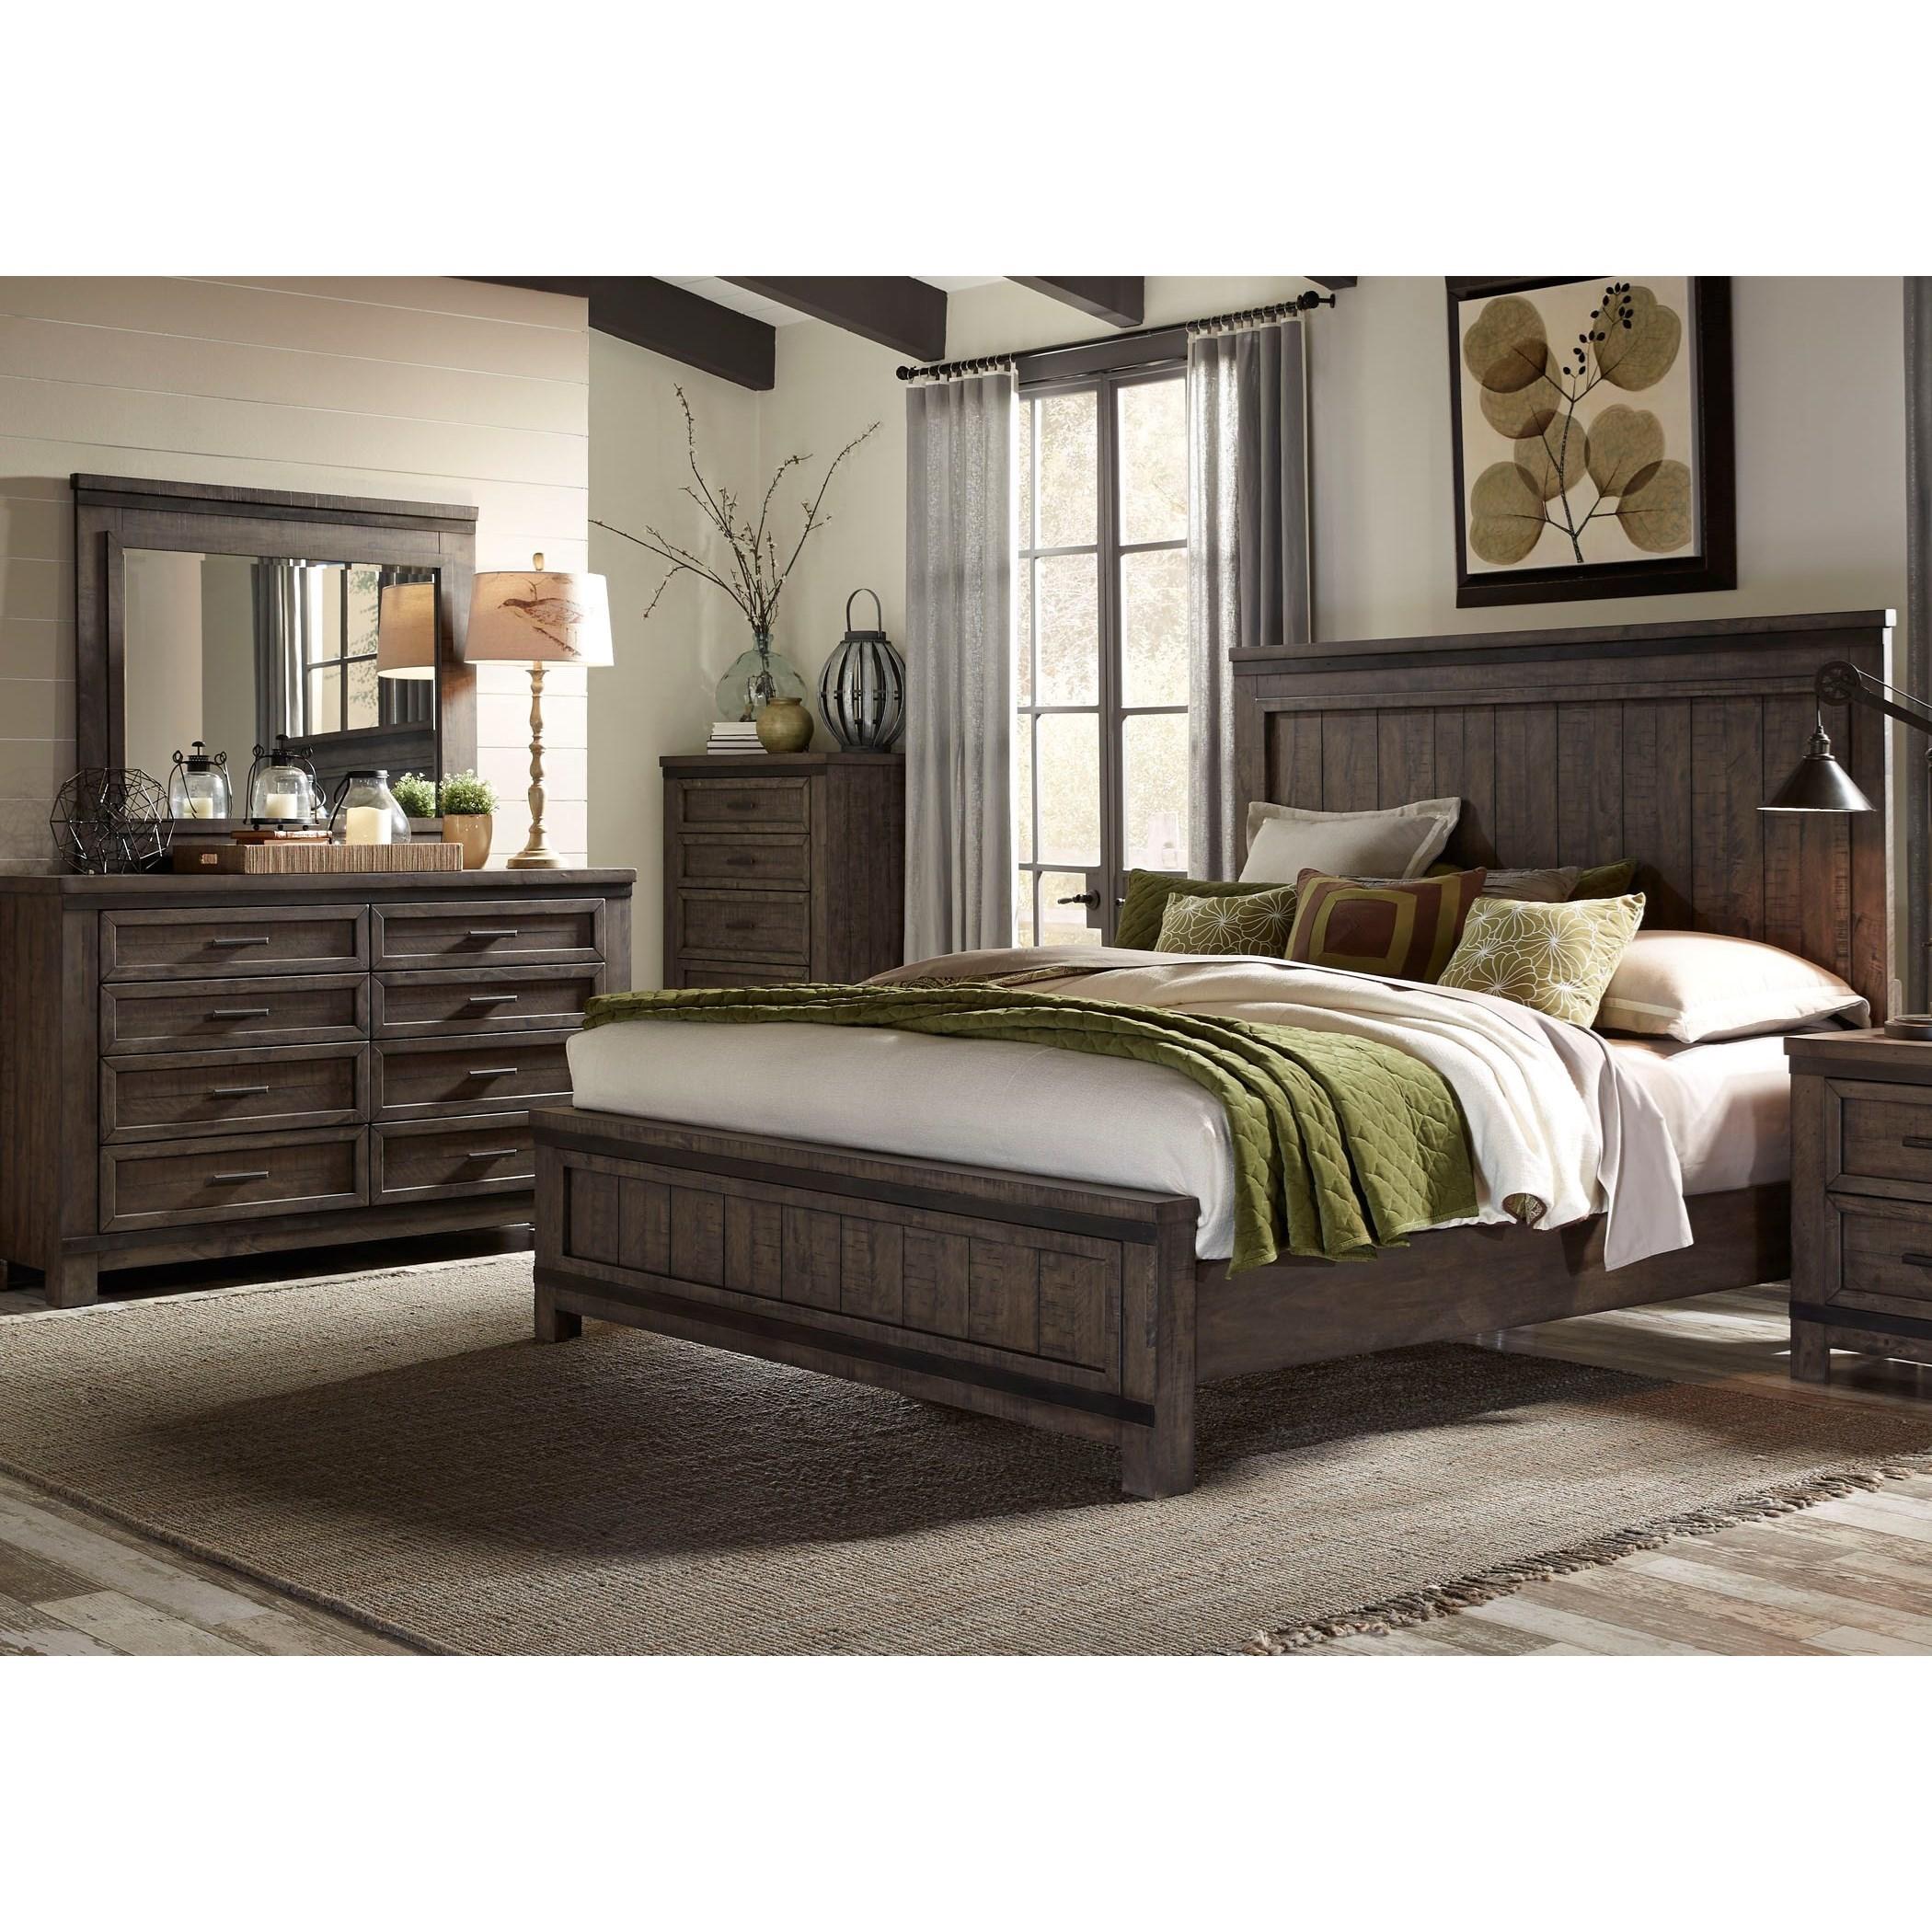 Liberty Furniture Thornwood Hills Queen Bedroom Group Darvin Furniture Bedroom Groups